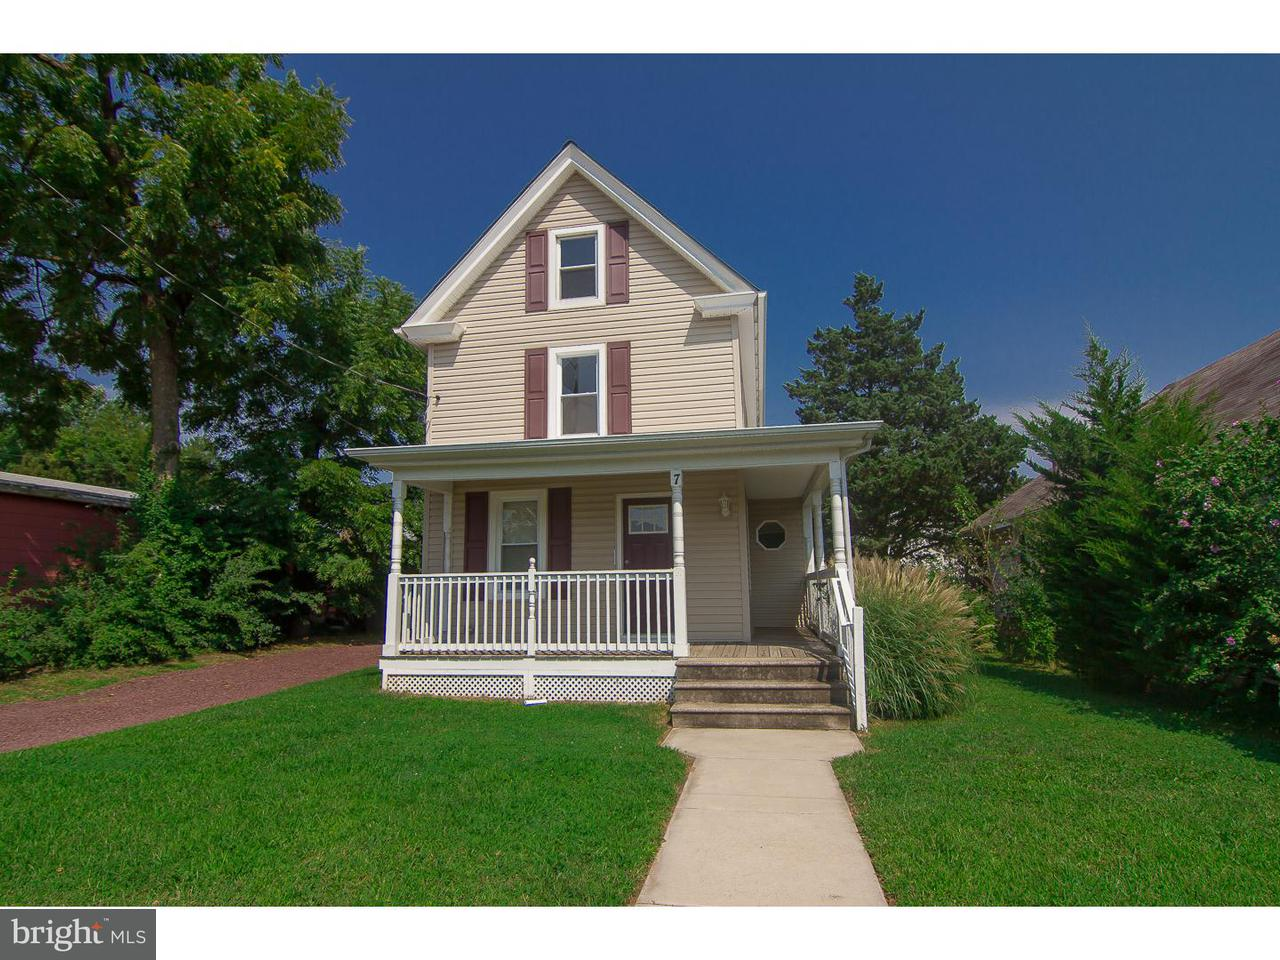 Casa Unifamiliar por un Alquiler en 7 N EAST BLVD Newfield, Nueva Jersey 08344 Estados Unidos